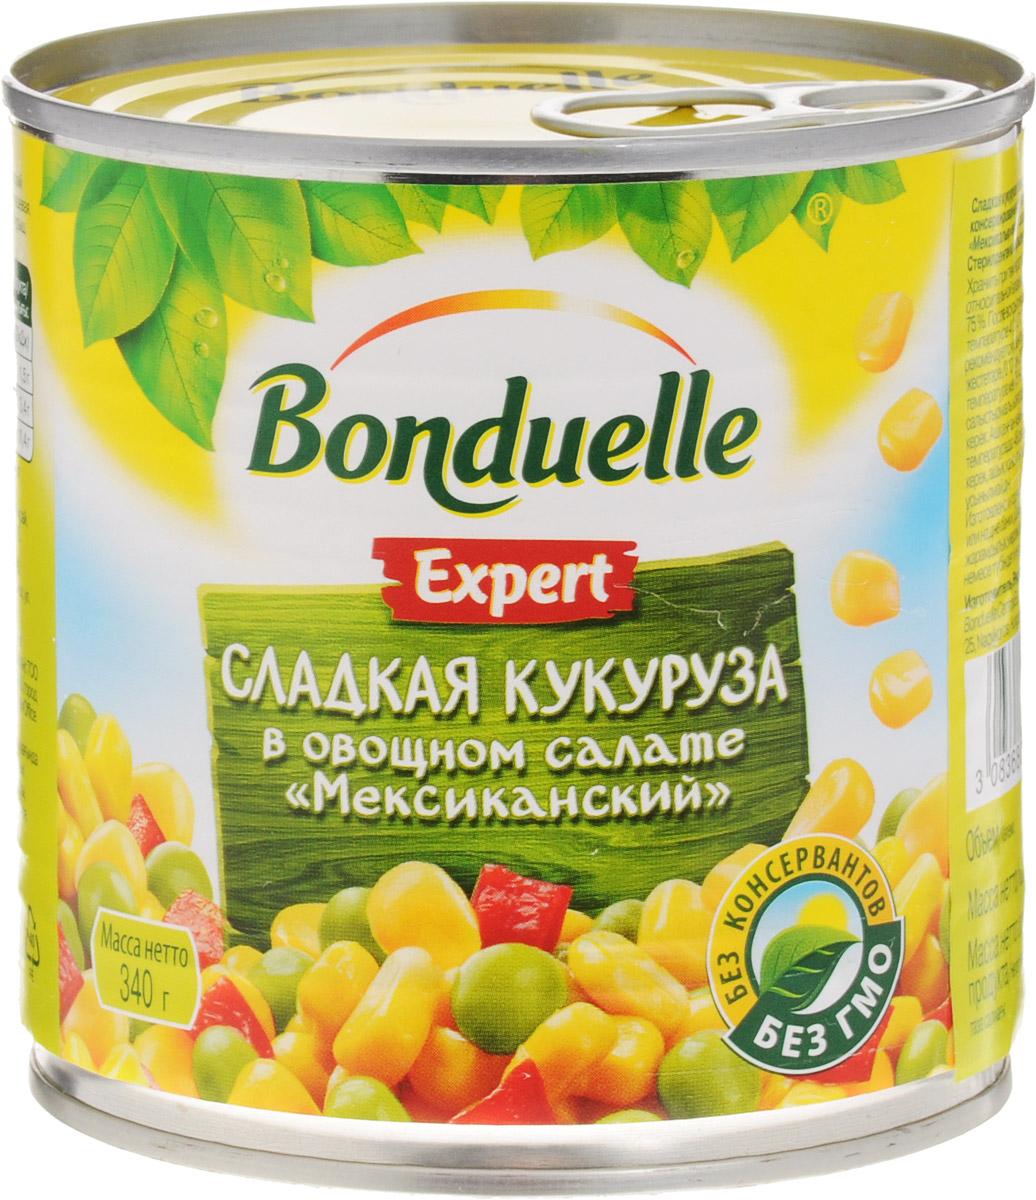 Bonduelle овощная смесь Мексиканская, 340 г686Яркое трио из сладкой кукурузы, зеленого горошка и красного сладкого перца - отличная основа для салатов, закусок и даже супов. Добавьте мексиканскую нотку в традиционные блюда, и они заиграют новыми вкусами! Уважаемые клиенты! Обращаем ваше внимание, что полный перечень состава продукта представлен на дополнительном изображении. Упаковка может иметь несколько видов дизайна. Поставка осуществляется взависимости от наличия на складе.